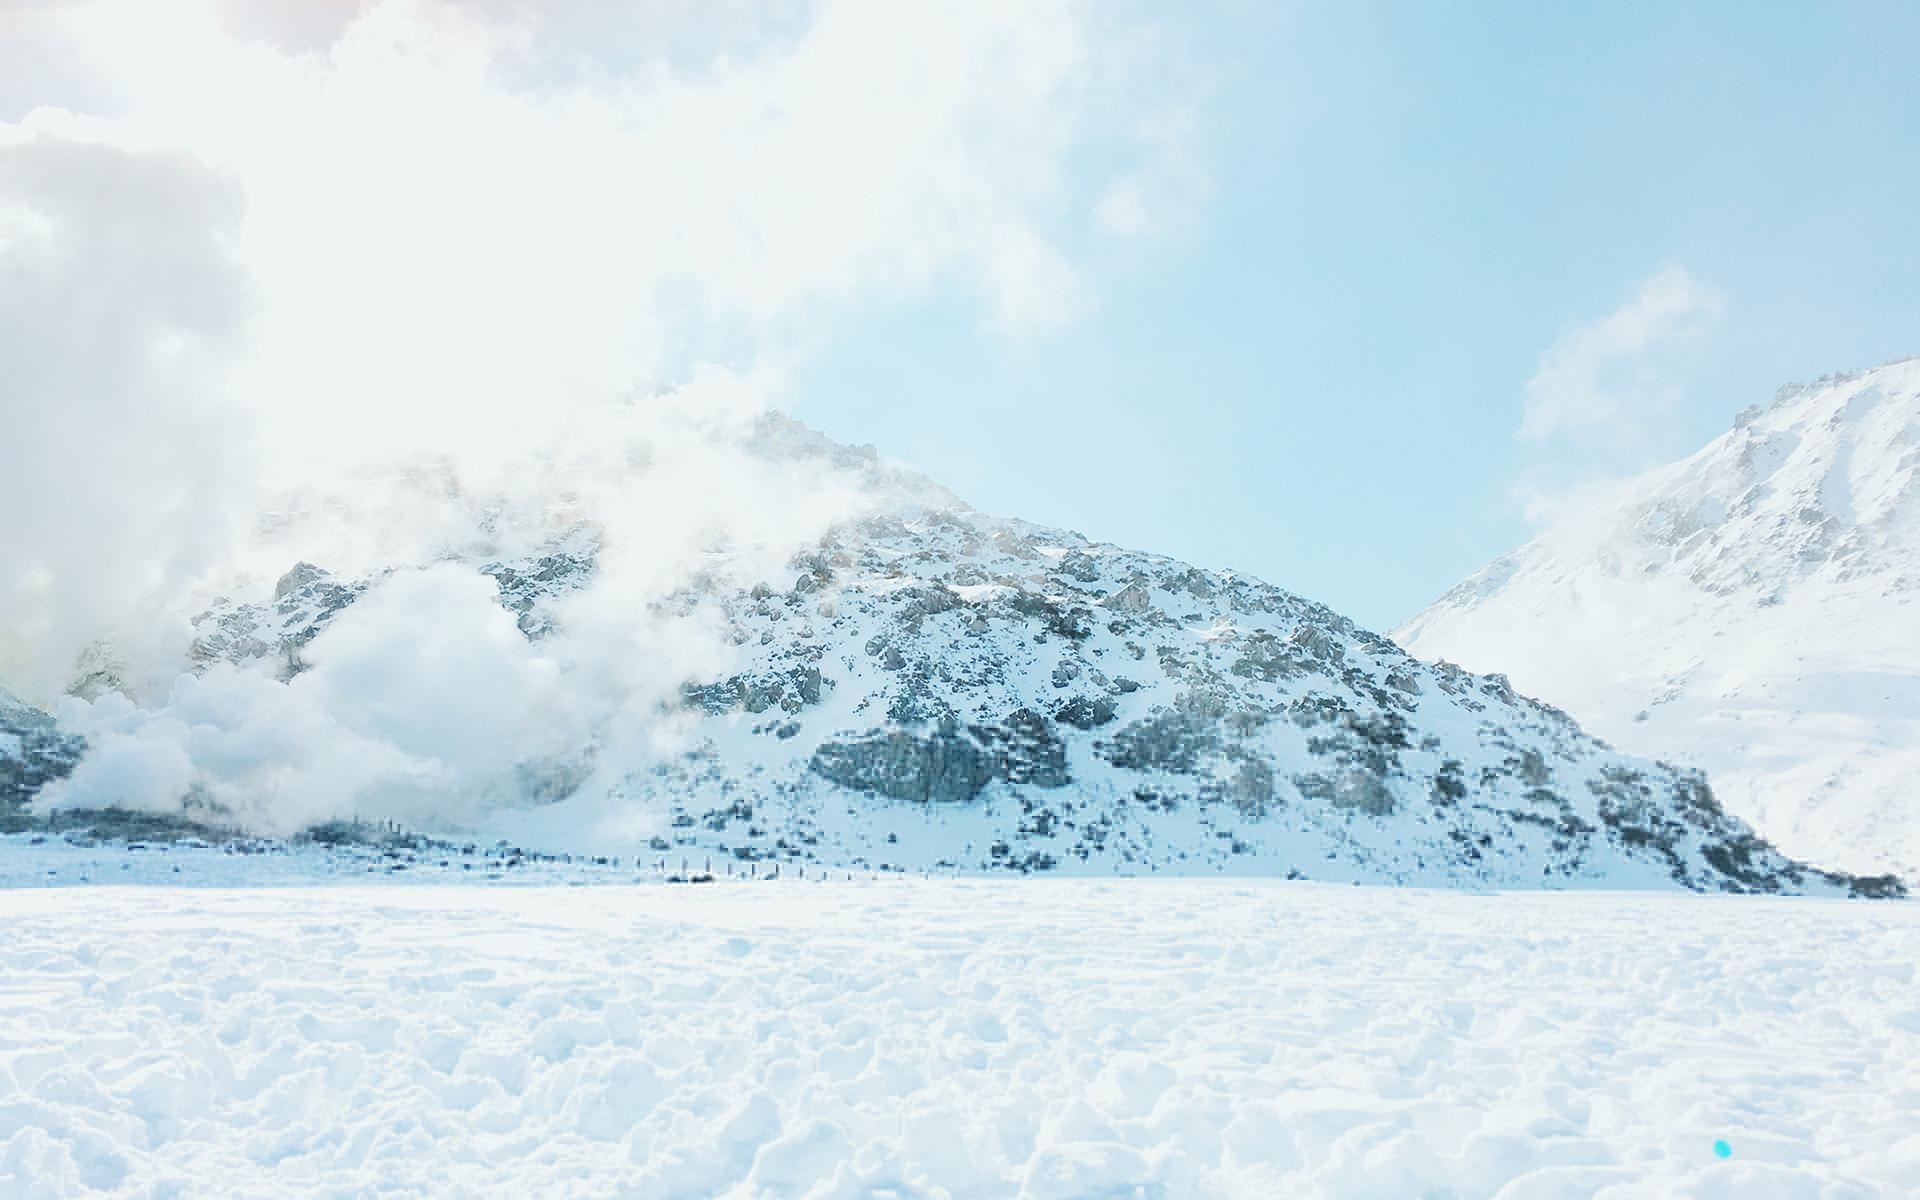 北海道雪景唯美自然高清桌面壁纸